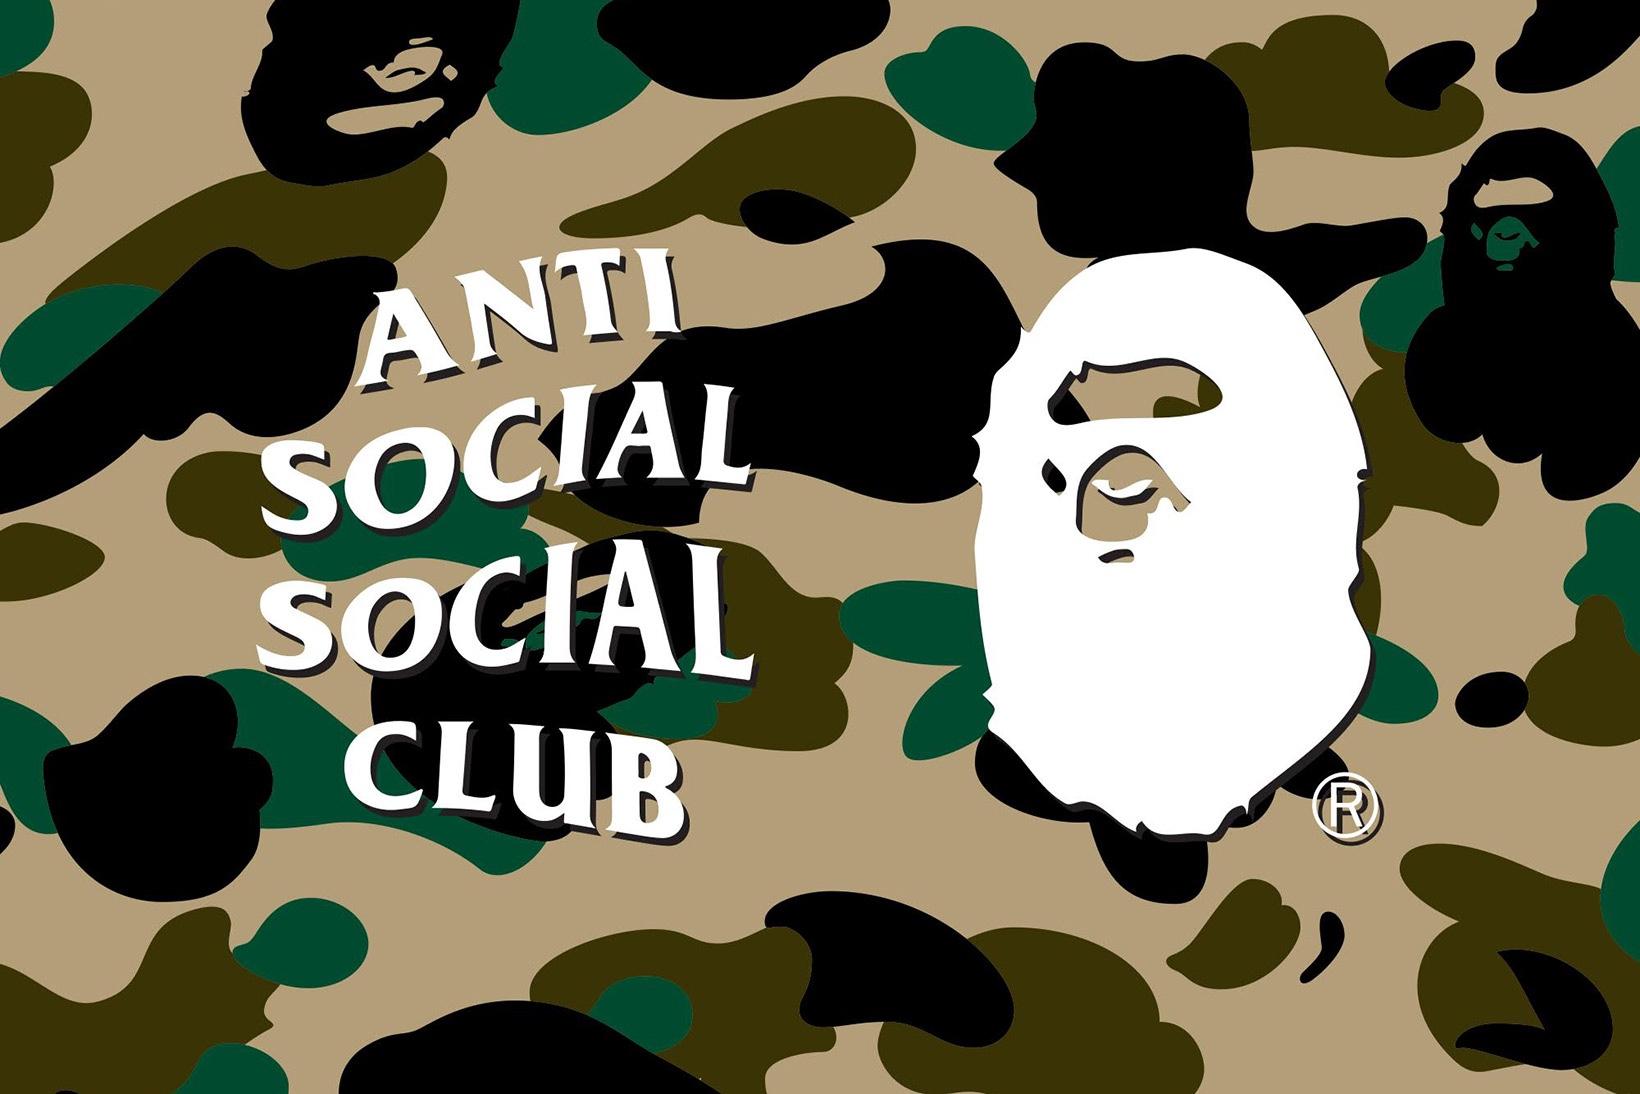 BAPE and Anti Social Social Club dévoilent une prochaine union